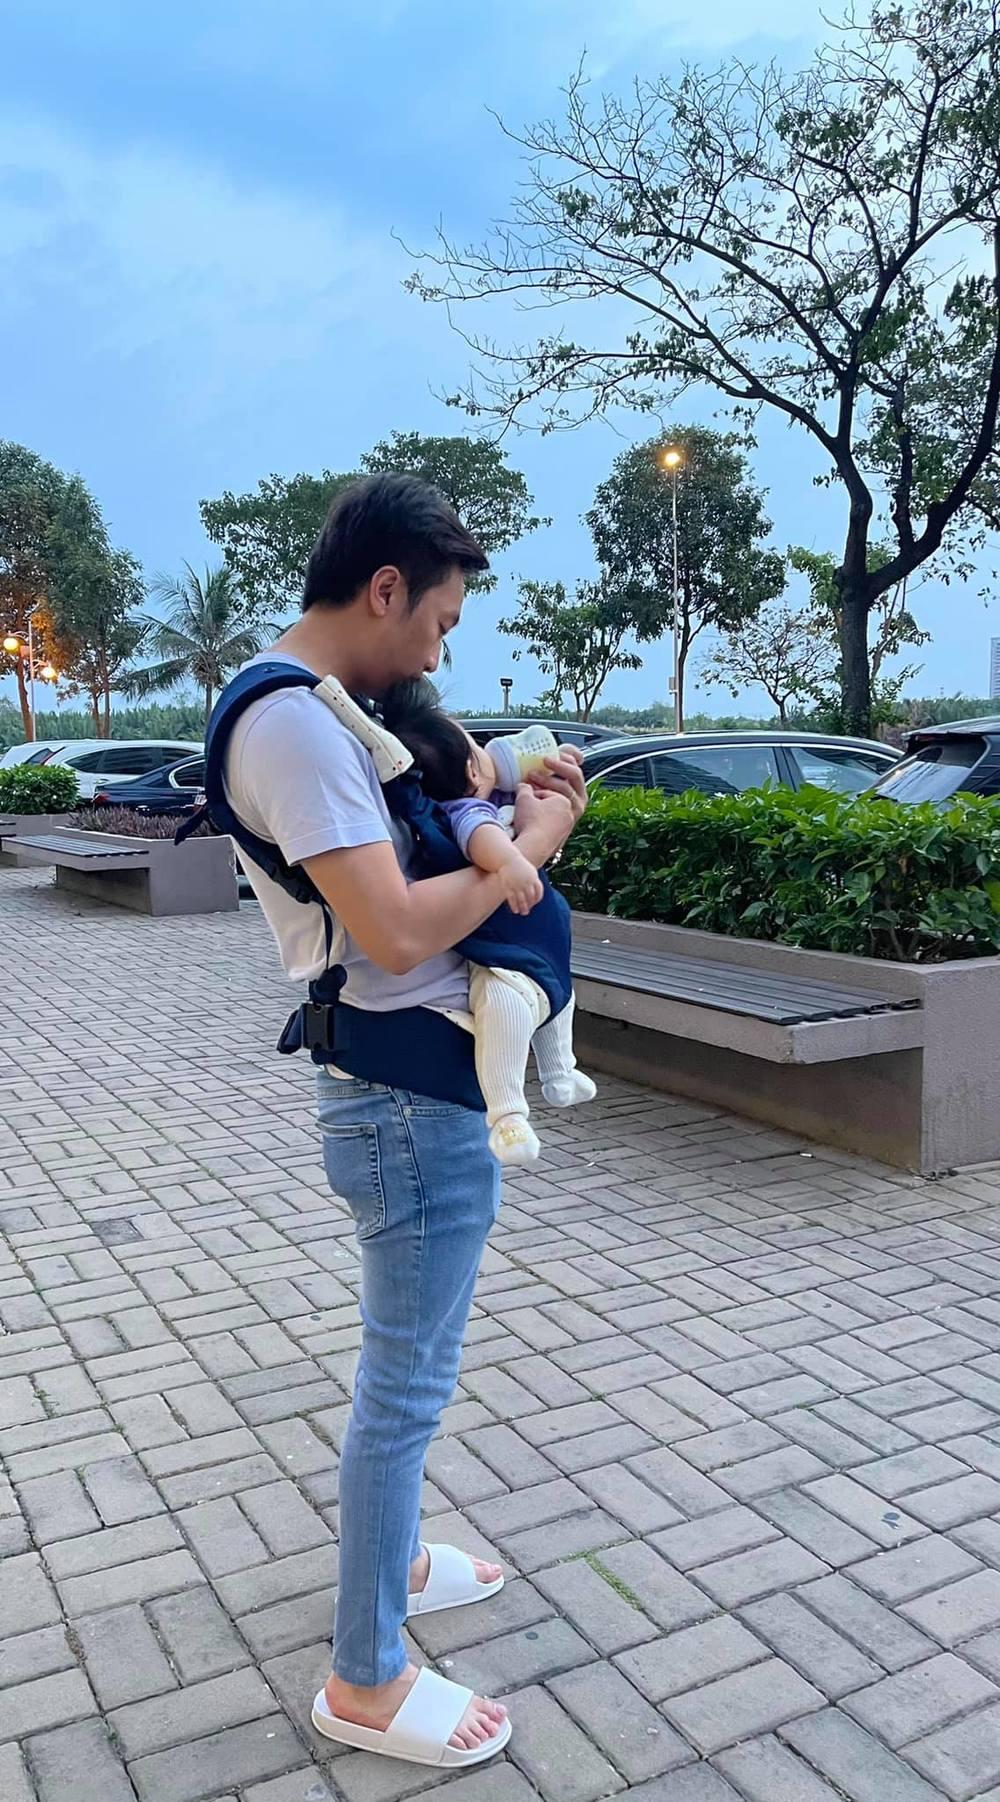 """Diện trang phục chỉn chu ra đường nhưng """"ông bố 2 con"""" vẫn không quên nhiệm vụ địu công chúa trên vai để cho uống sữa và ngắm mọi thứ xung quanh. (Ảnh: FBNV) - Tin sao Viet - Tin tuc sao Viet - Scandal sao Viet - Tin tuc cua Sao - Tin cua Sao"""